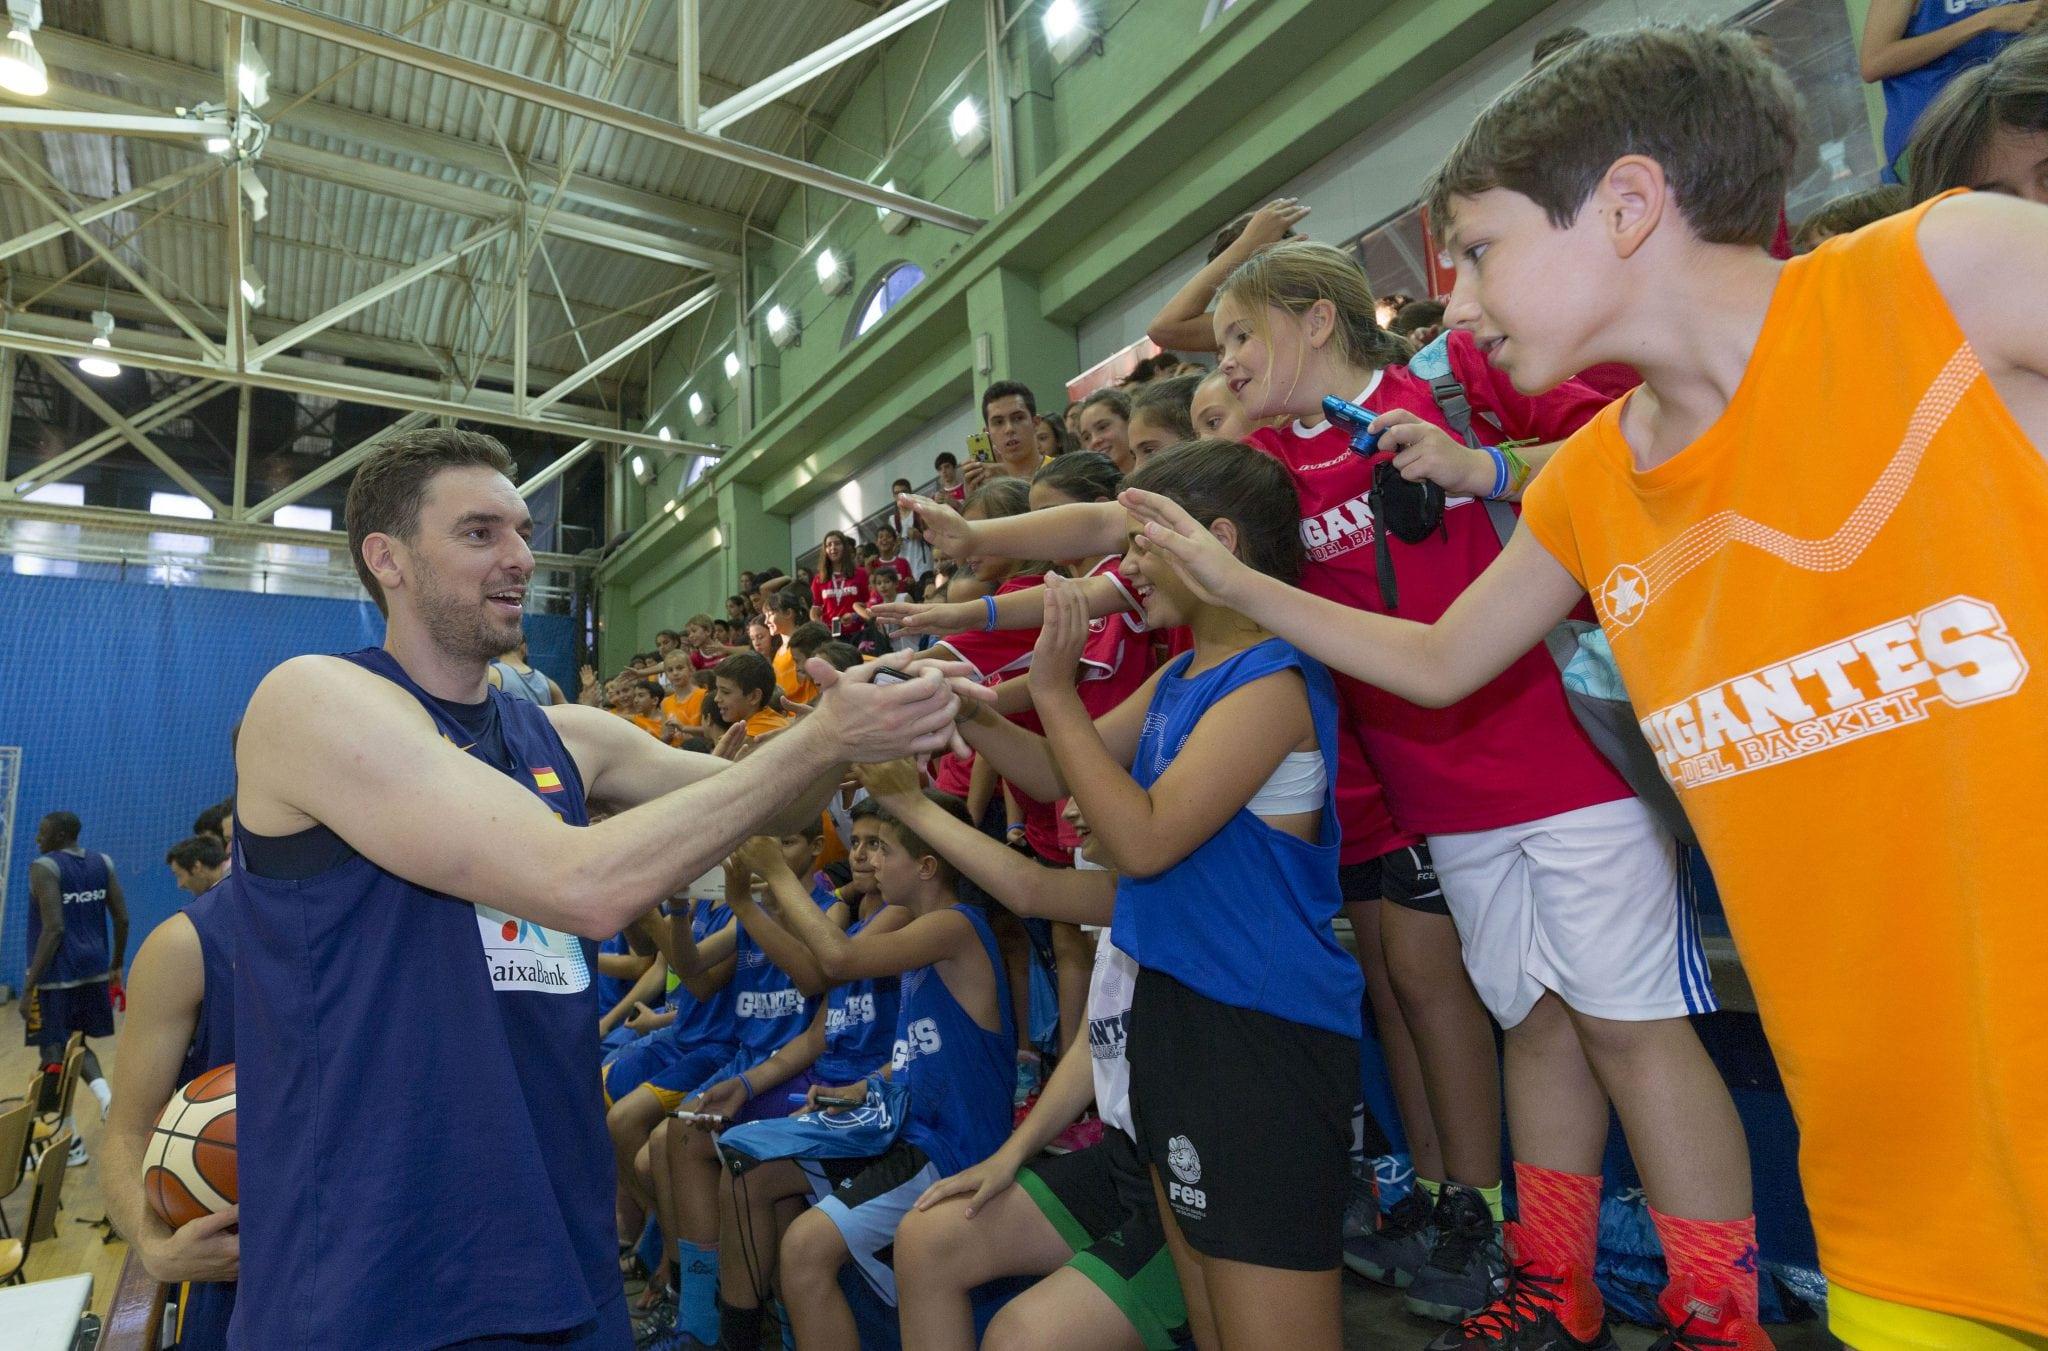 Así fue el mágico día del Campus Gigantes con la Selección. ¡Gracias a Día y a la FEB! (Video)